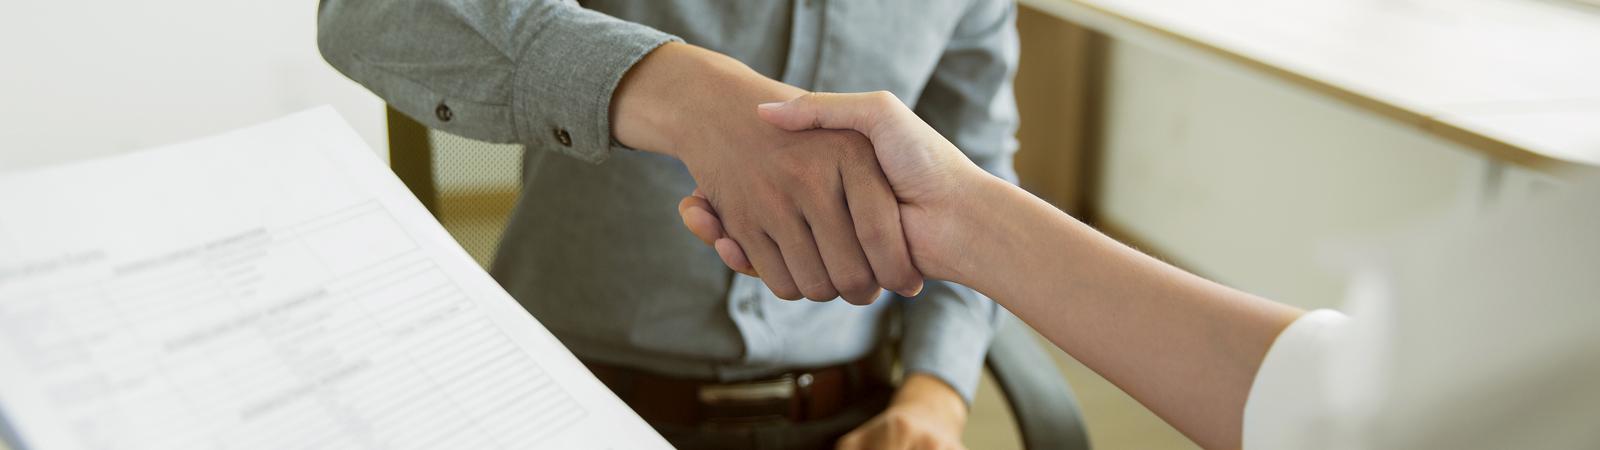 servicio y gestión de confianza